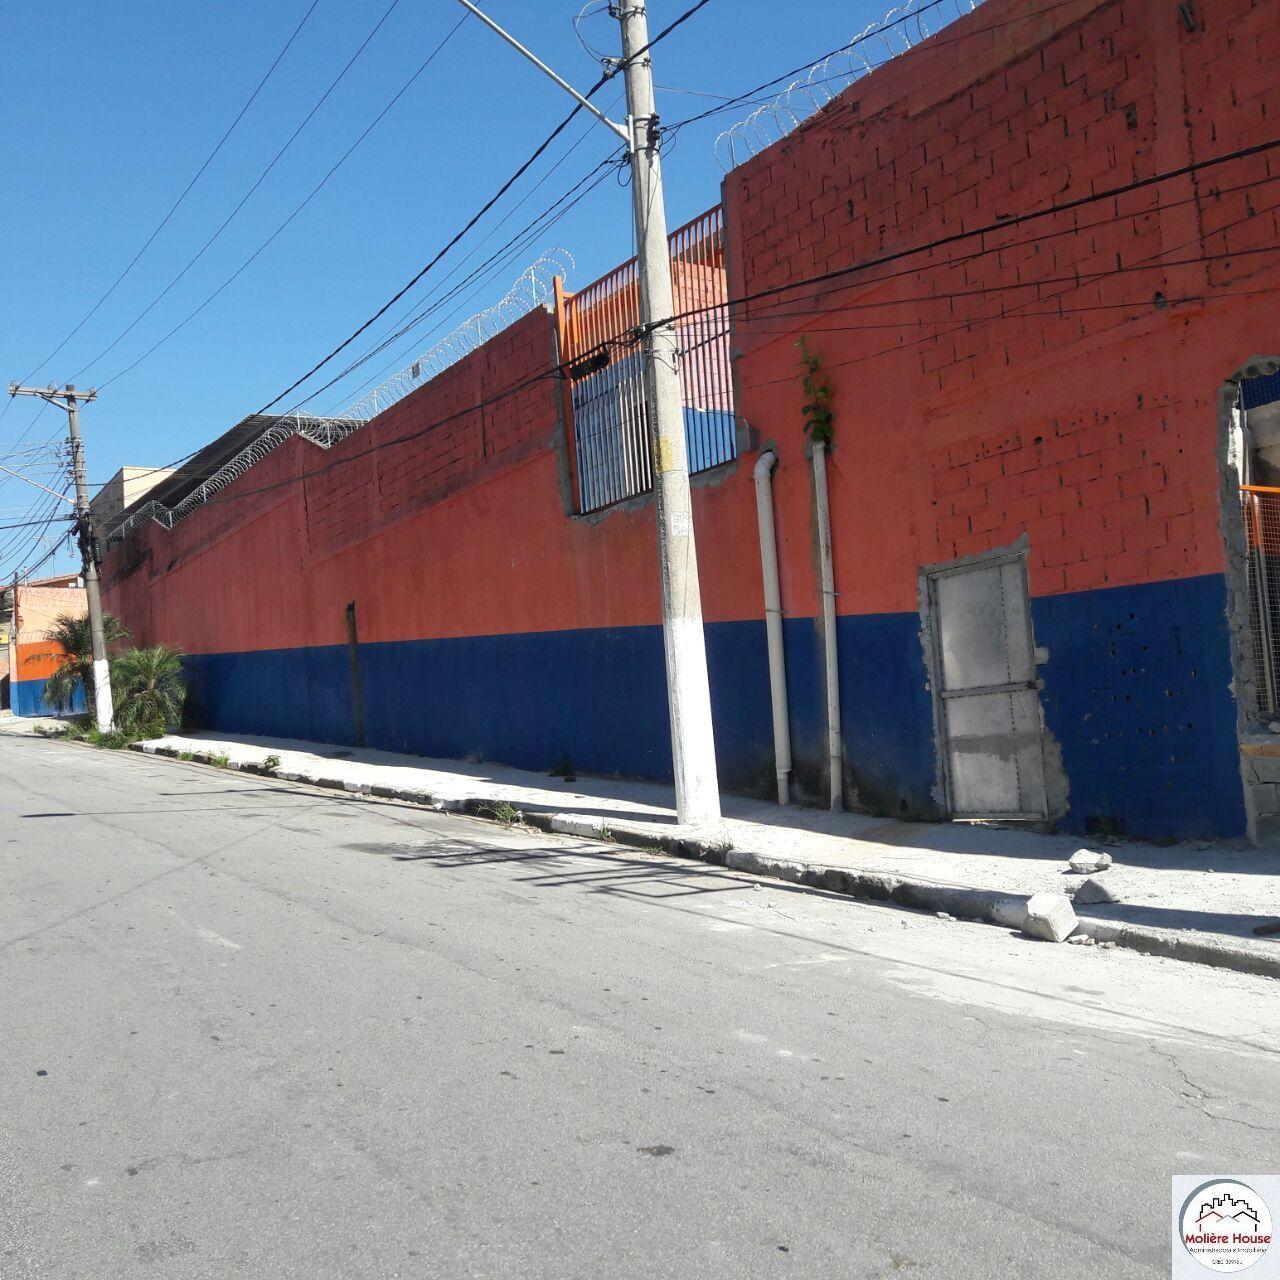 Pavilhão/galpão/depósito à venda  no Interlagos - São Paulo, SP. Imóveis